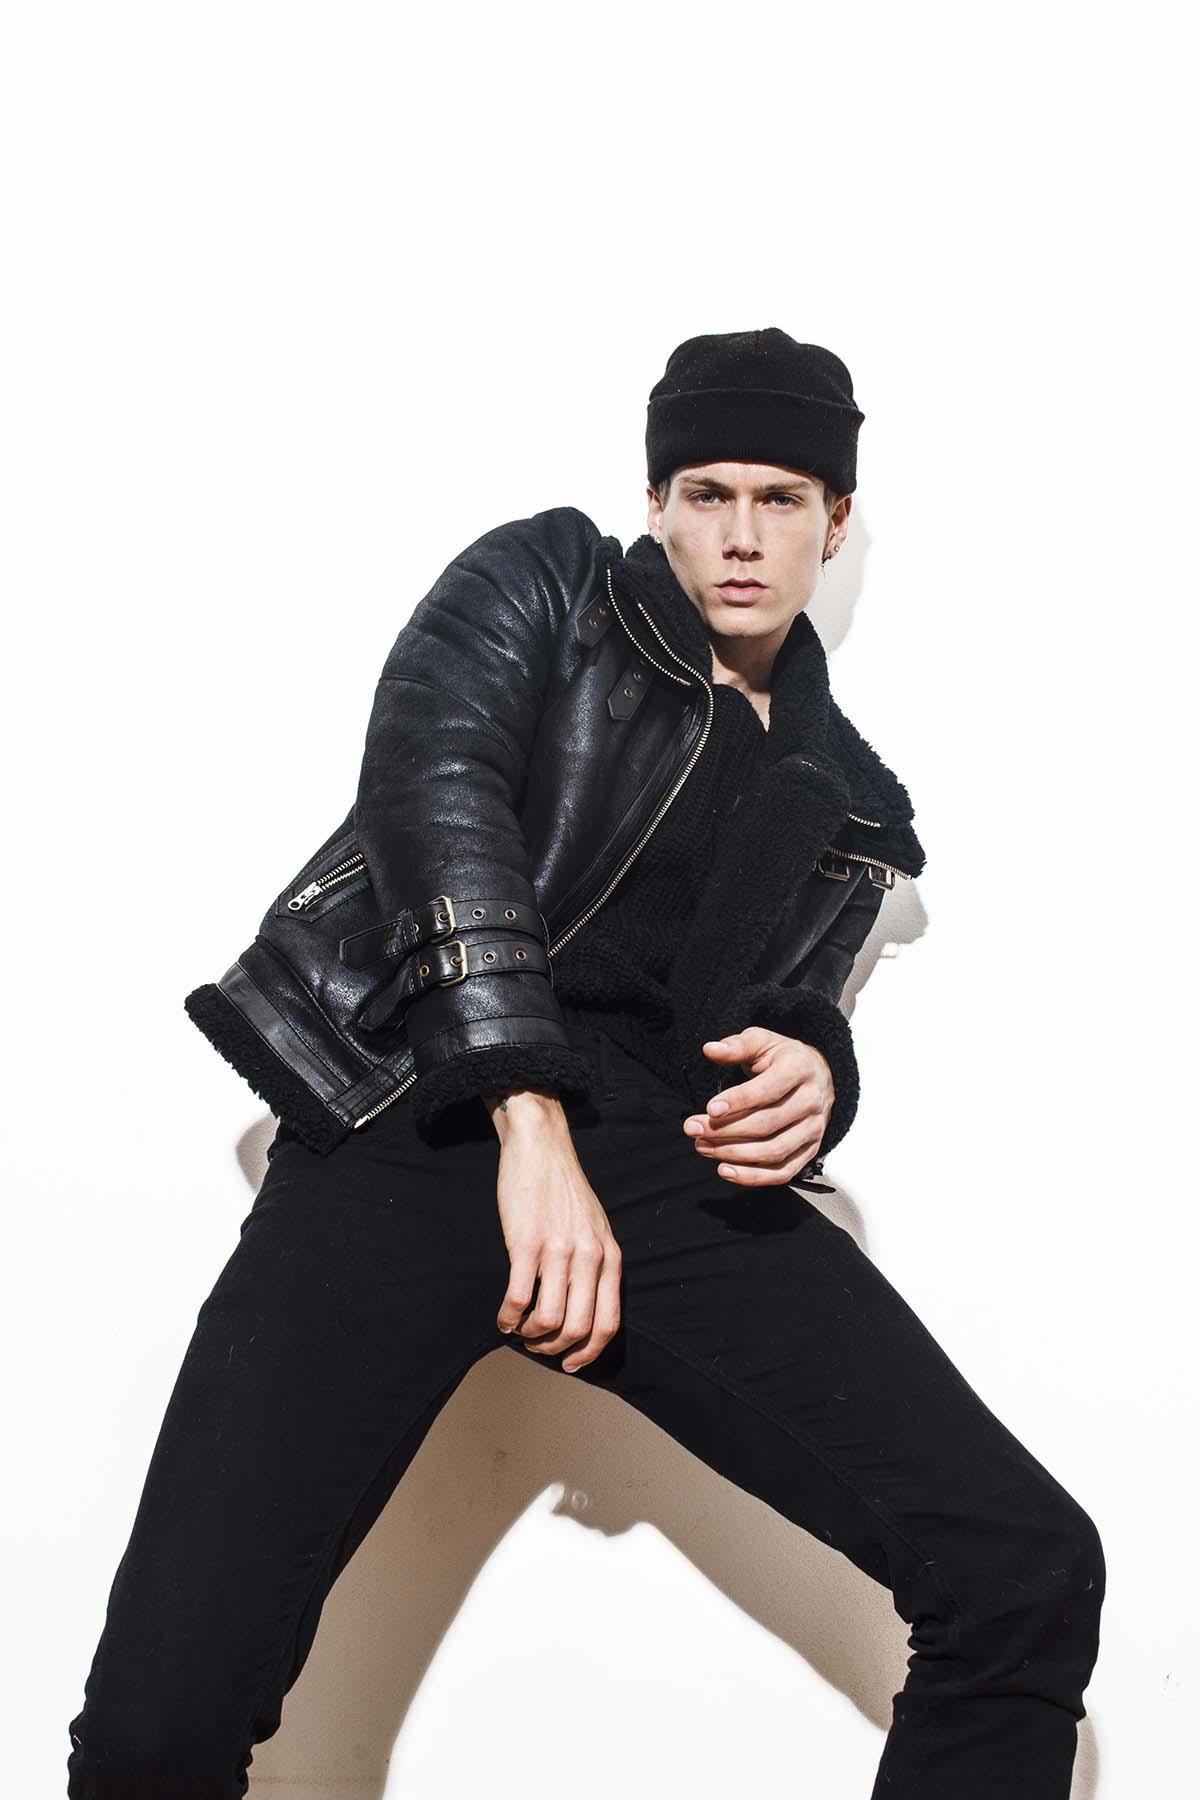 Patrick Righi by Felipe Rufino for Brazilian Male Model